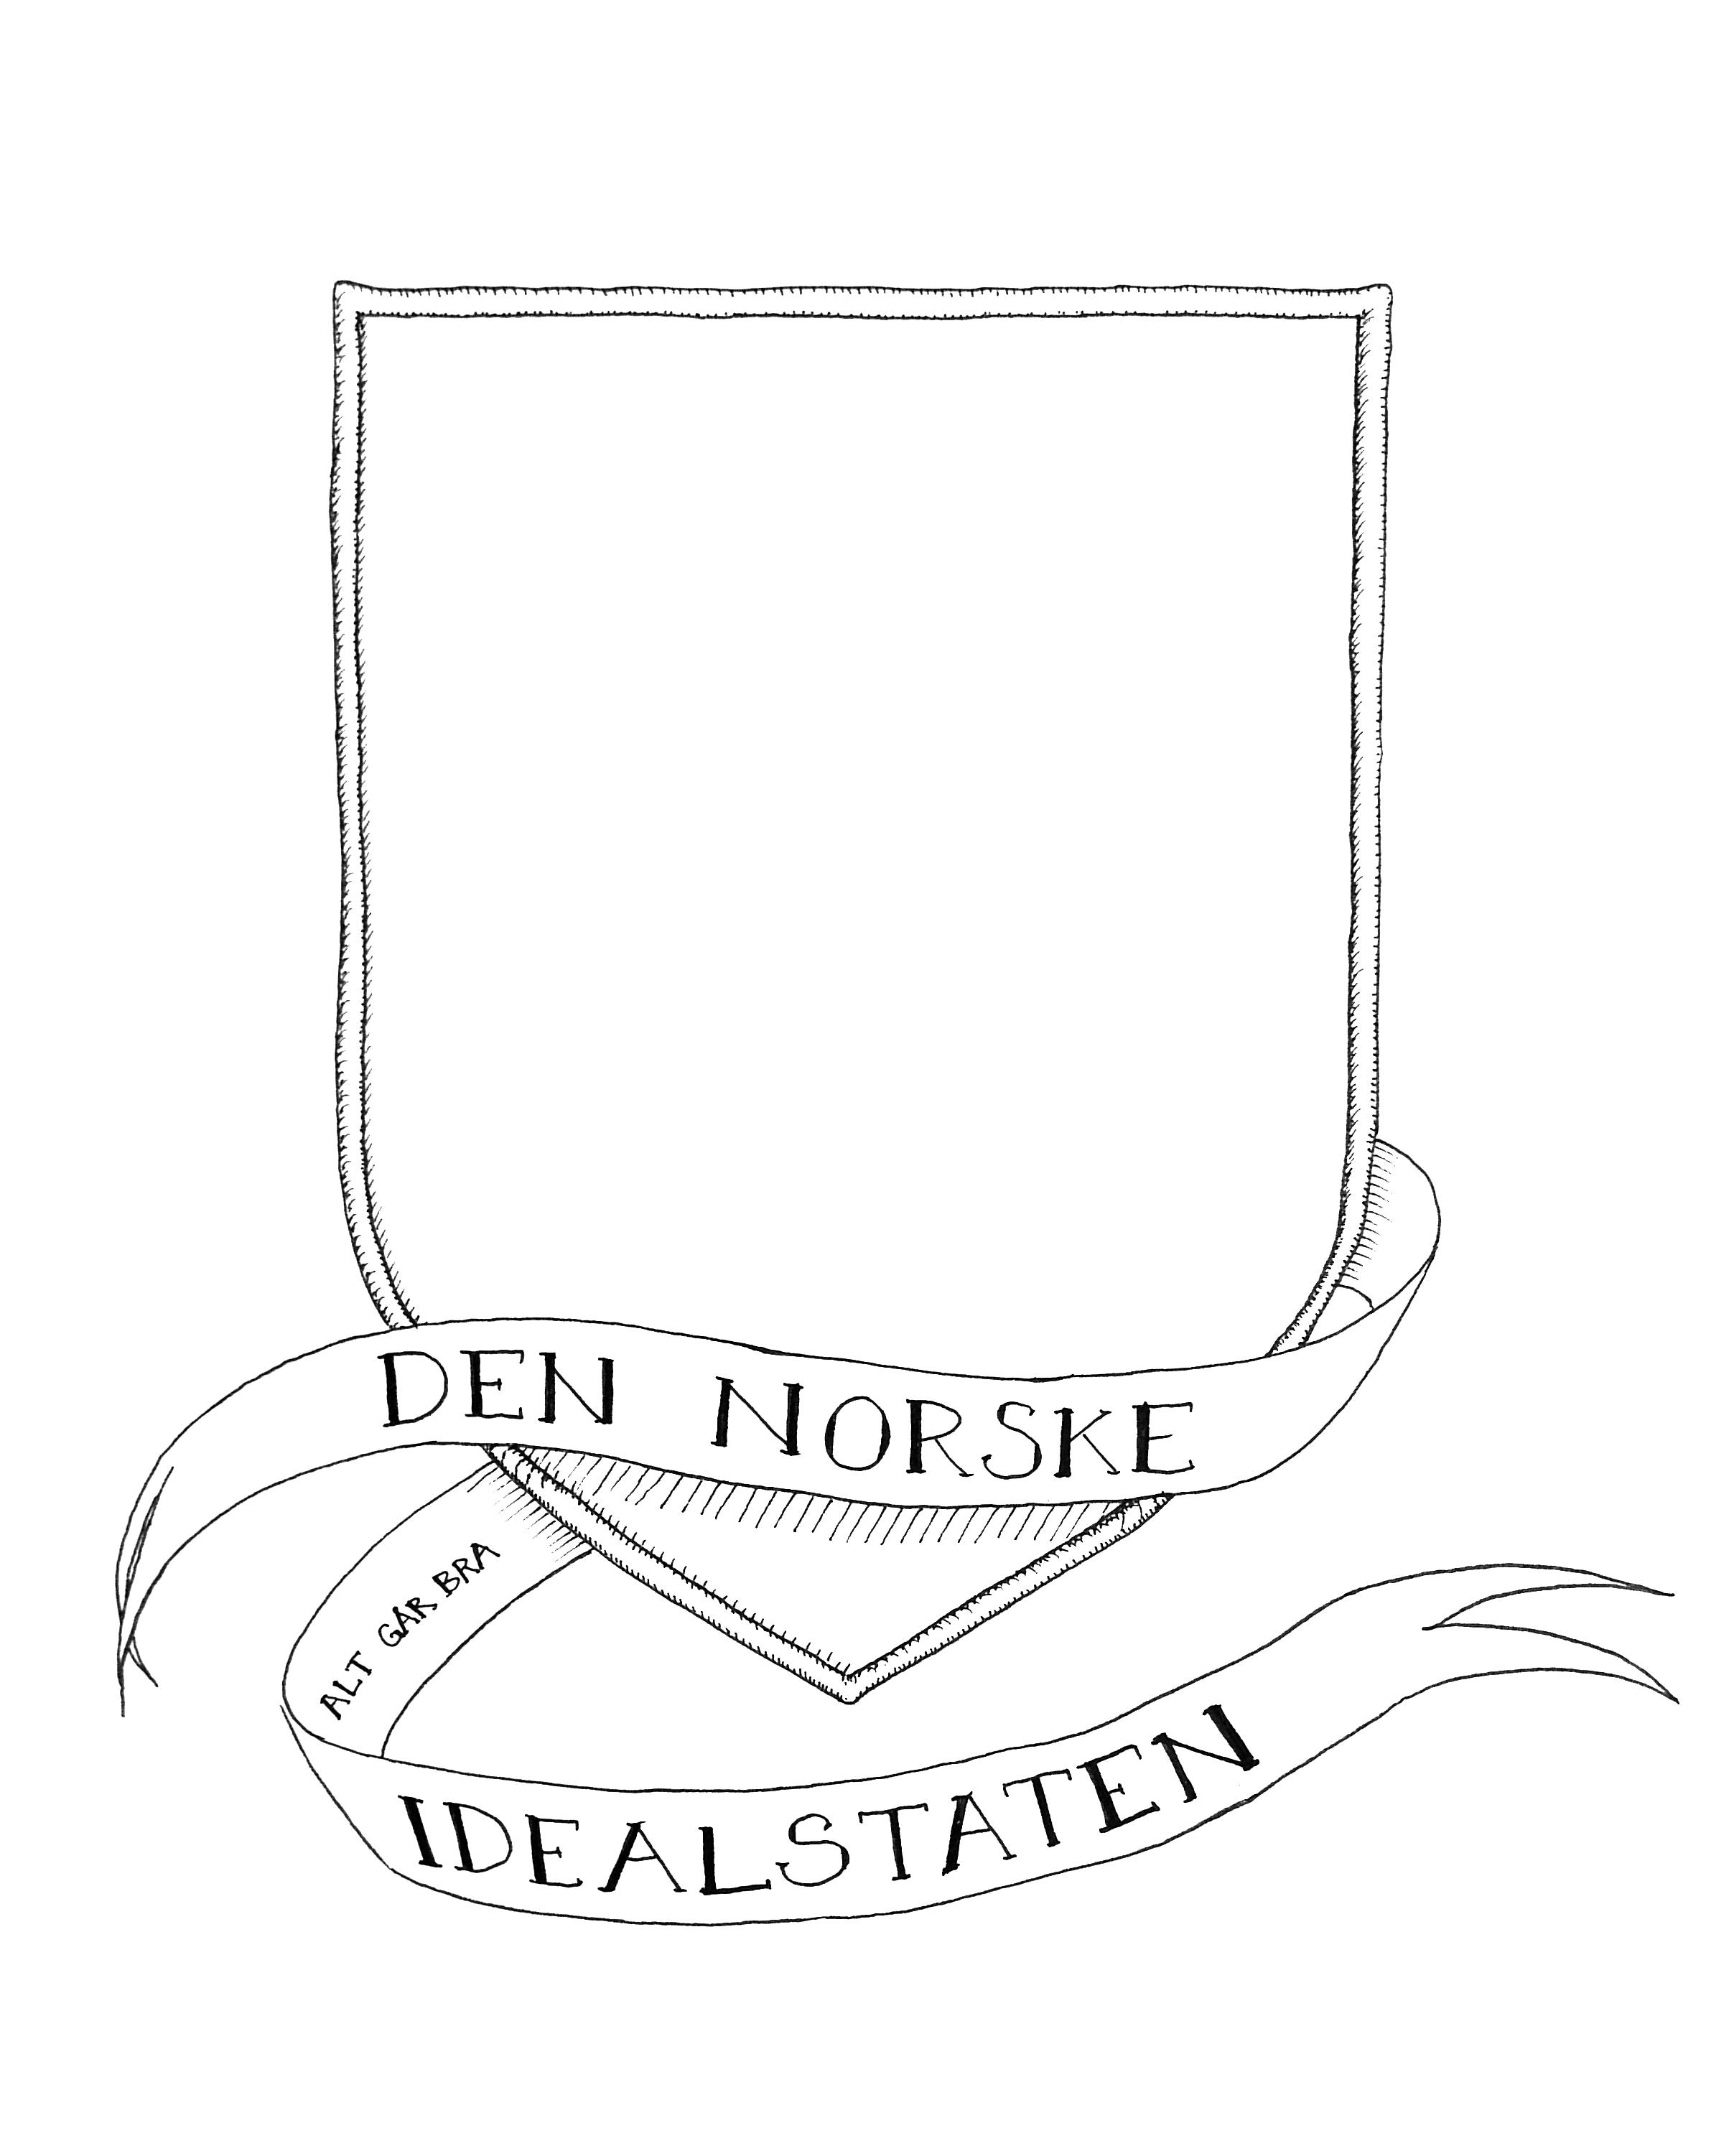 Les artistes du juridique : le collectif ALT GÅR BRA